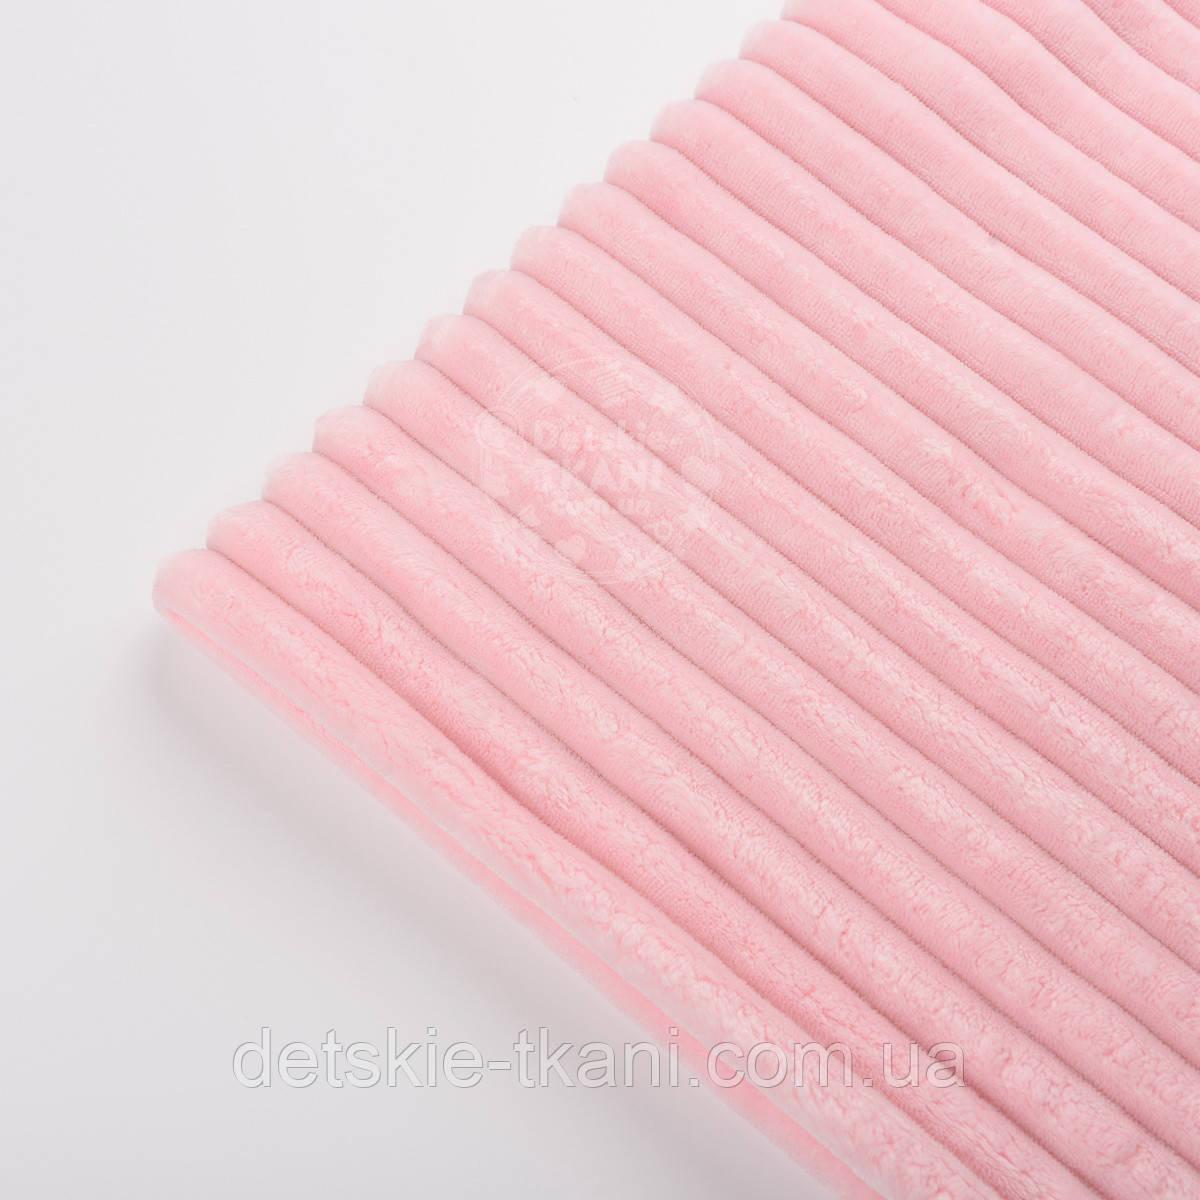 """Лоскут плюша в полоску """"Stripes""""  светло-розового цвета, размер 90*60 см"""